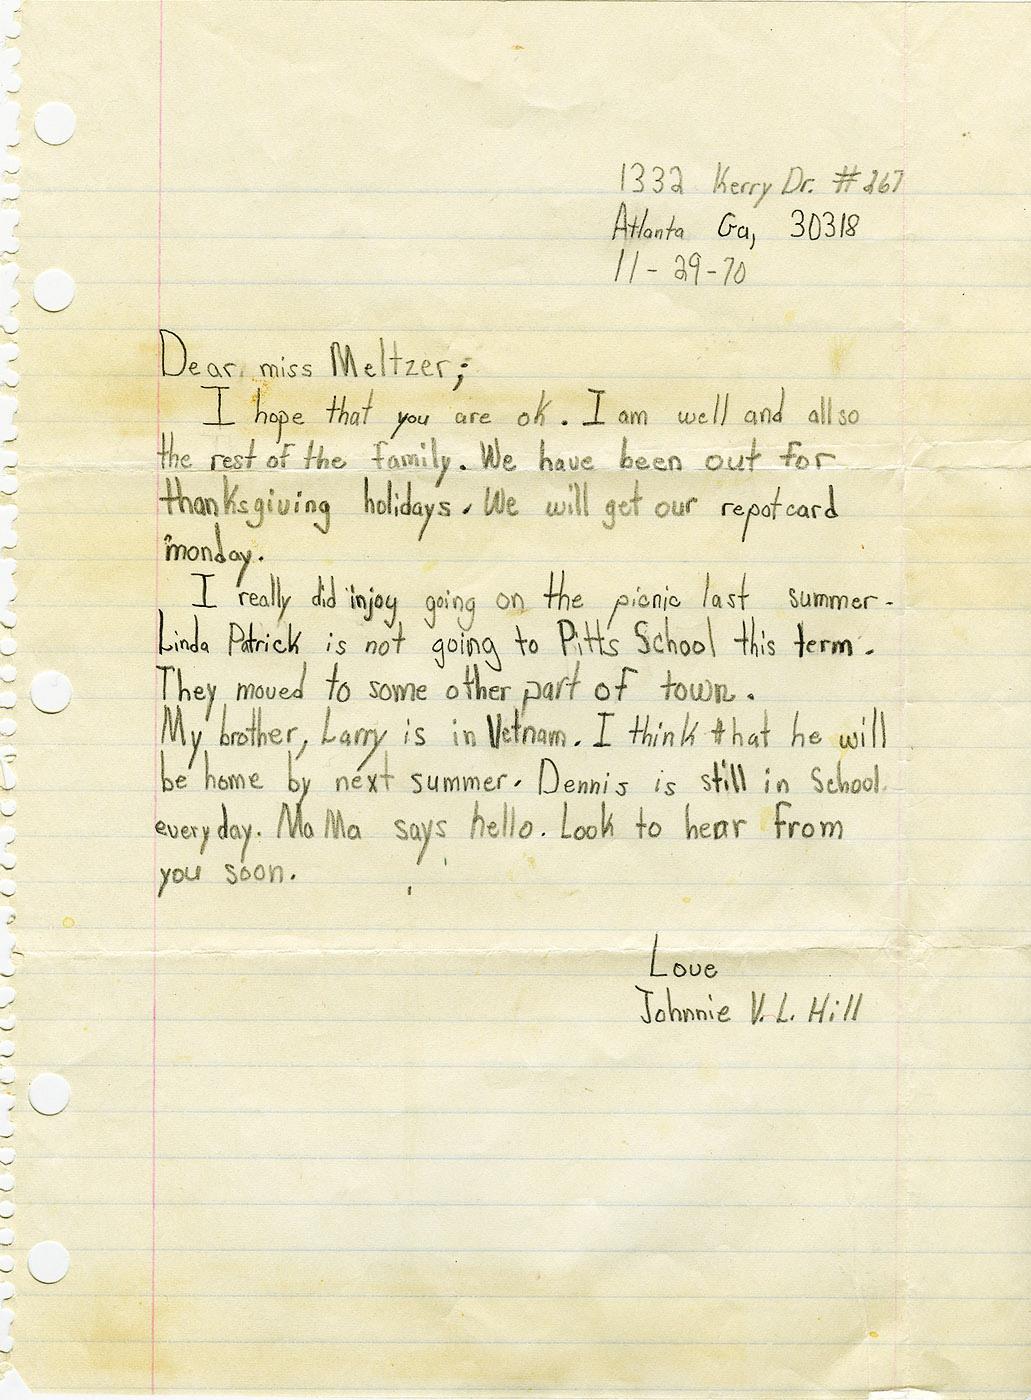 q. Johnnie Hill letter.jpg